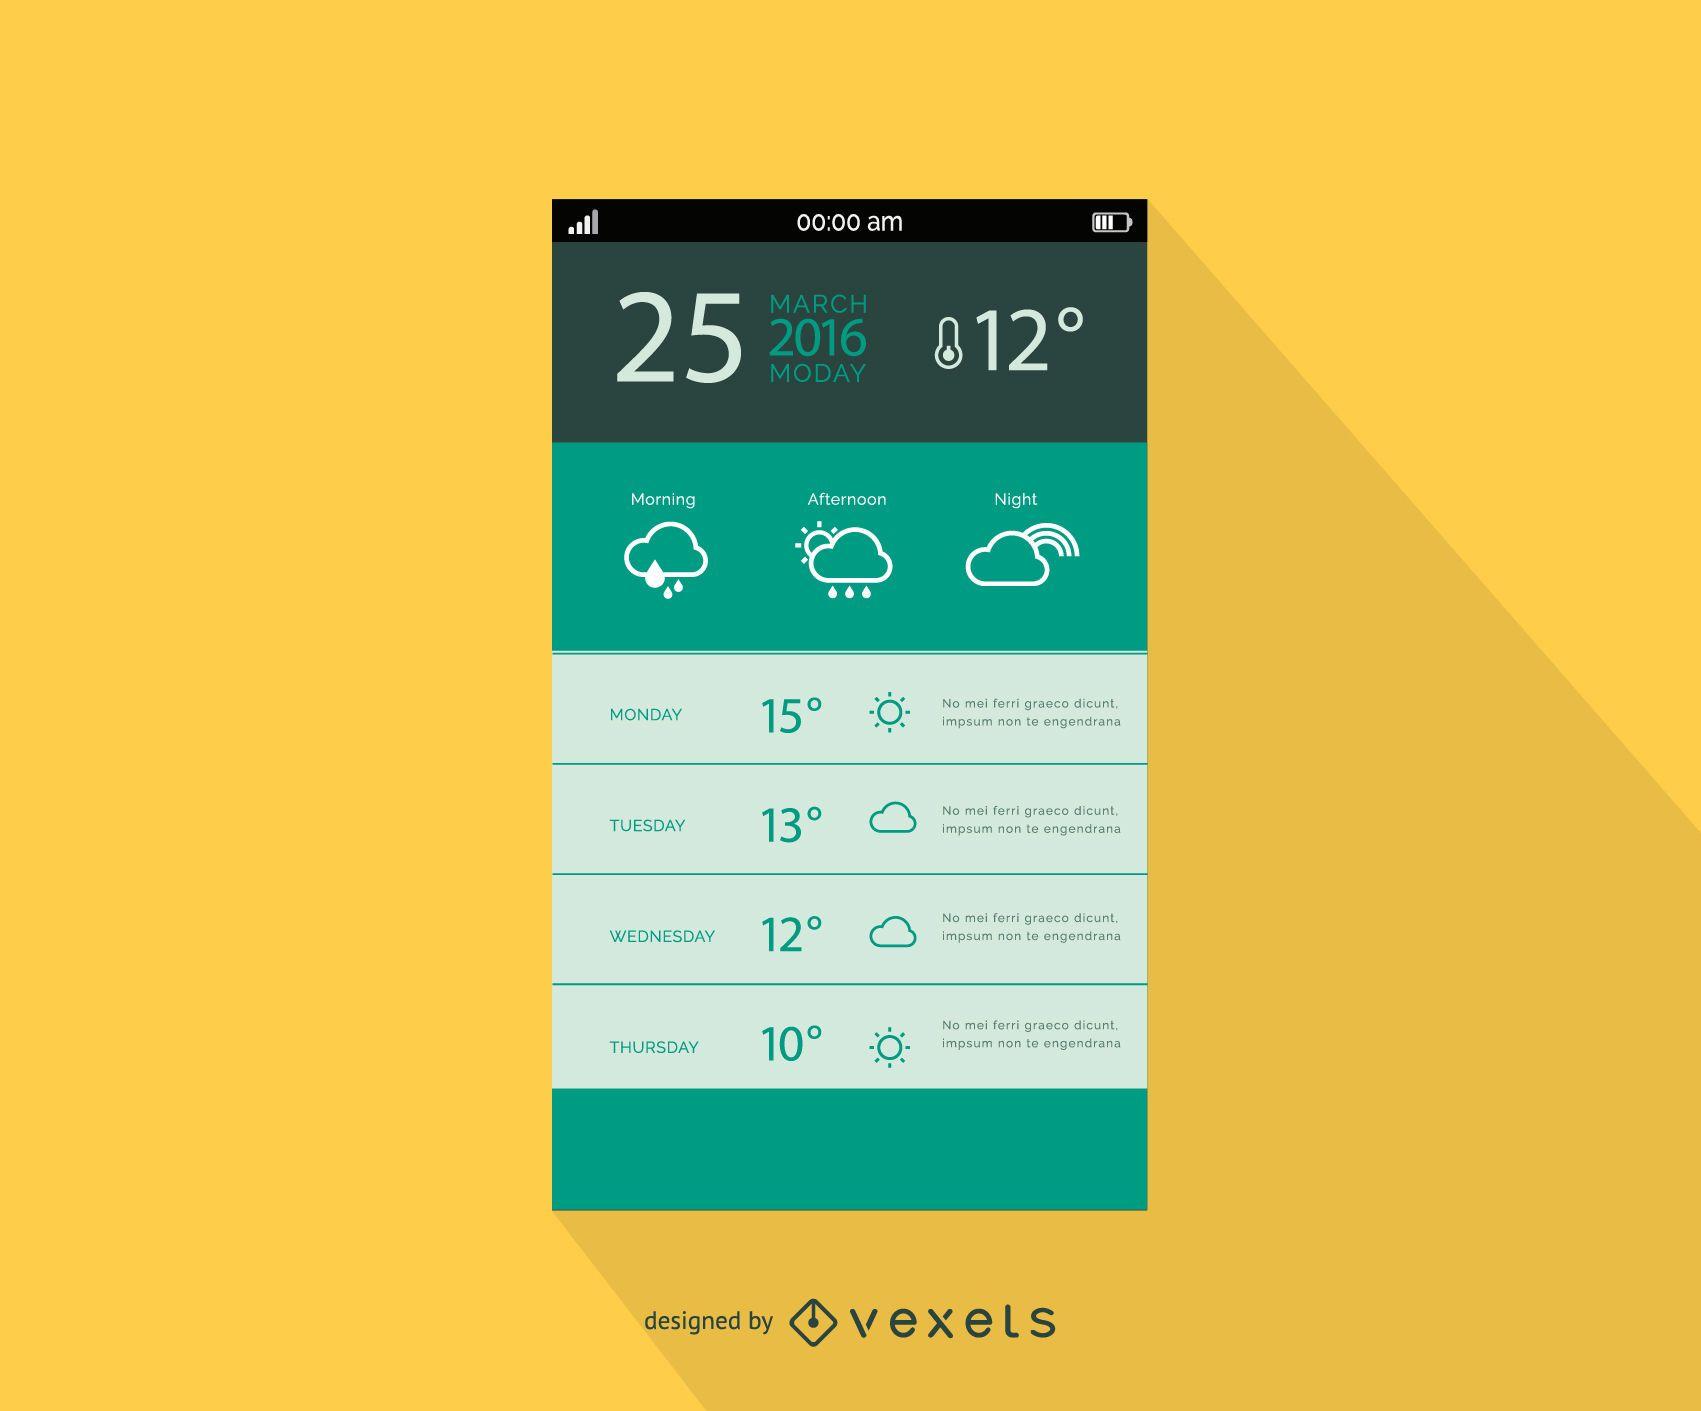 Diseño de servicio meteorológico para smartphone